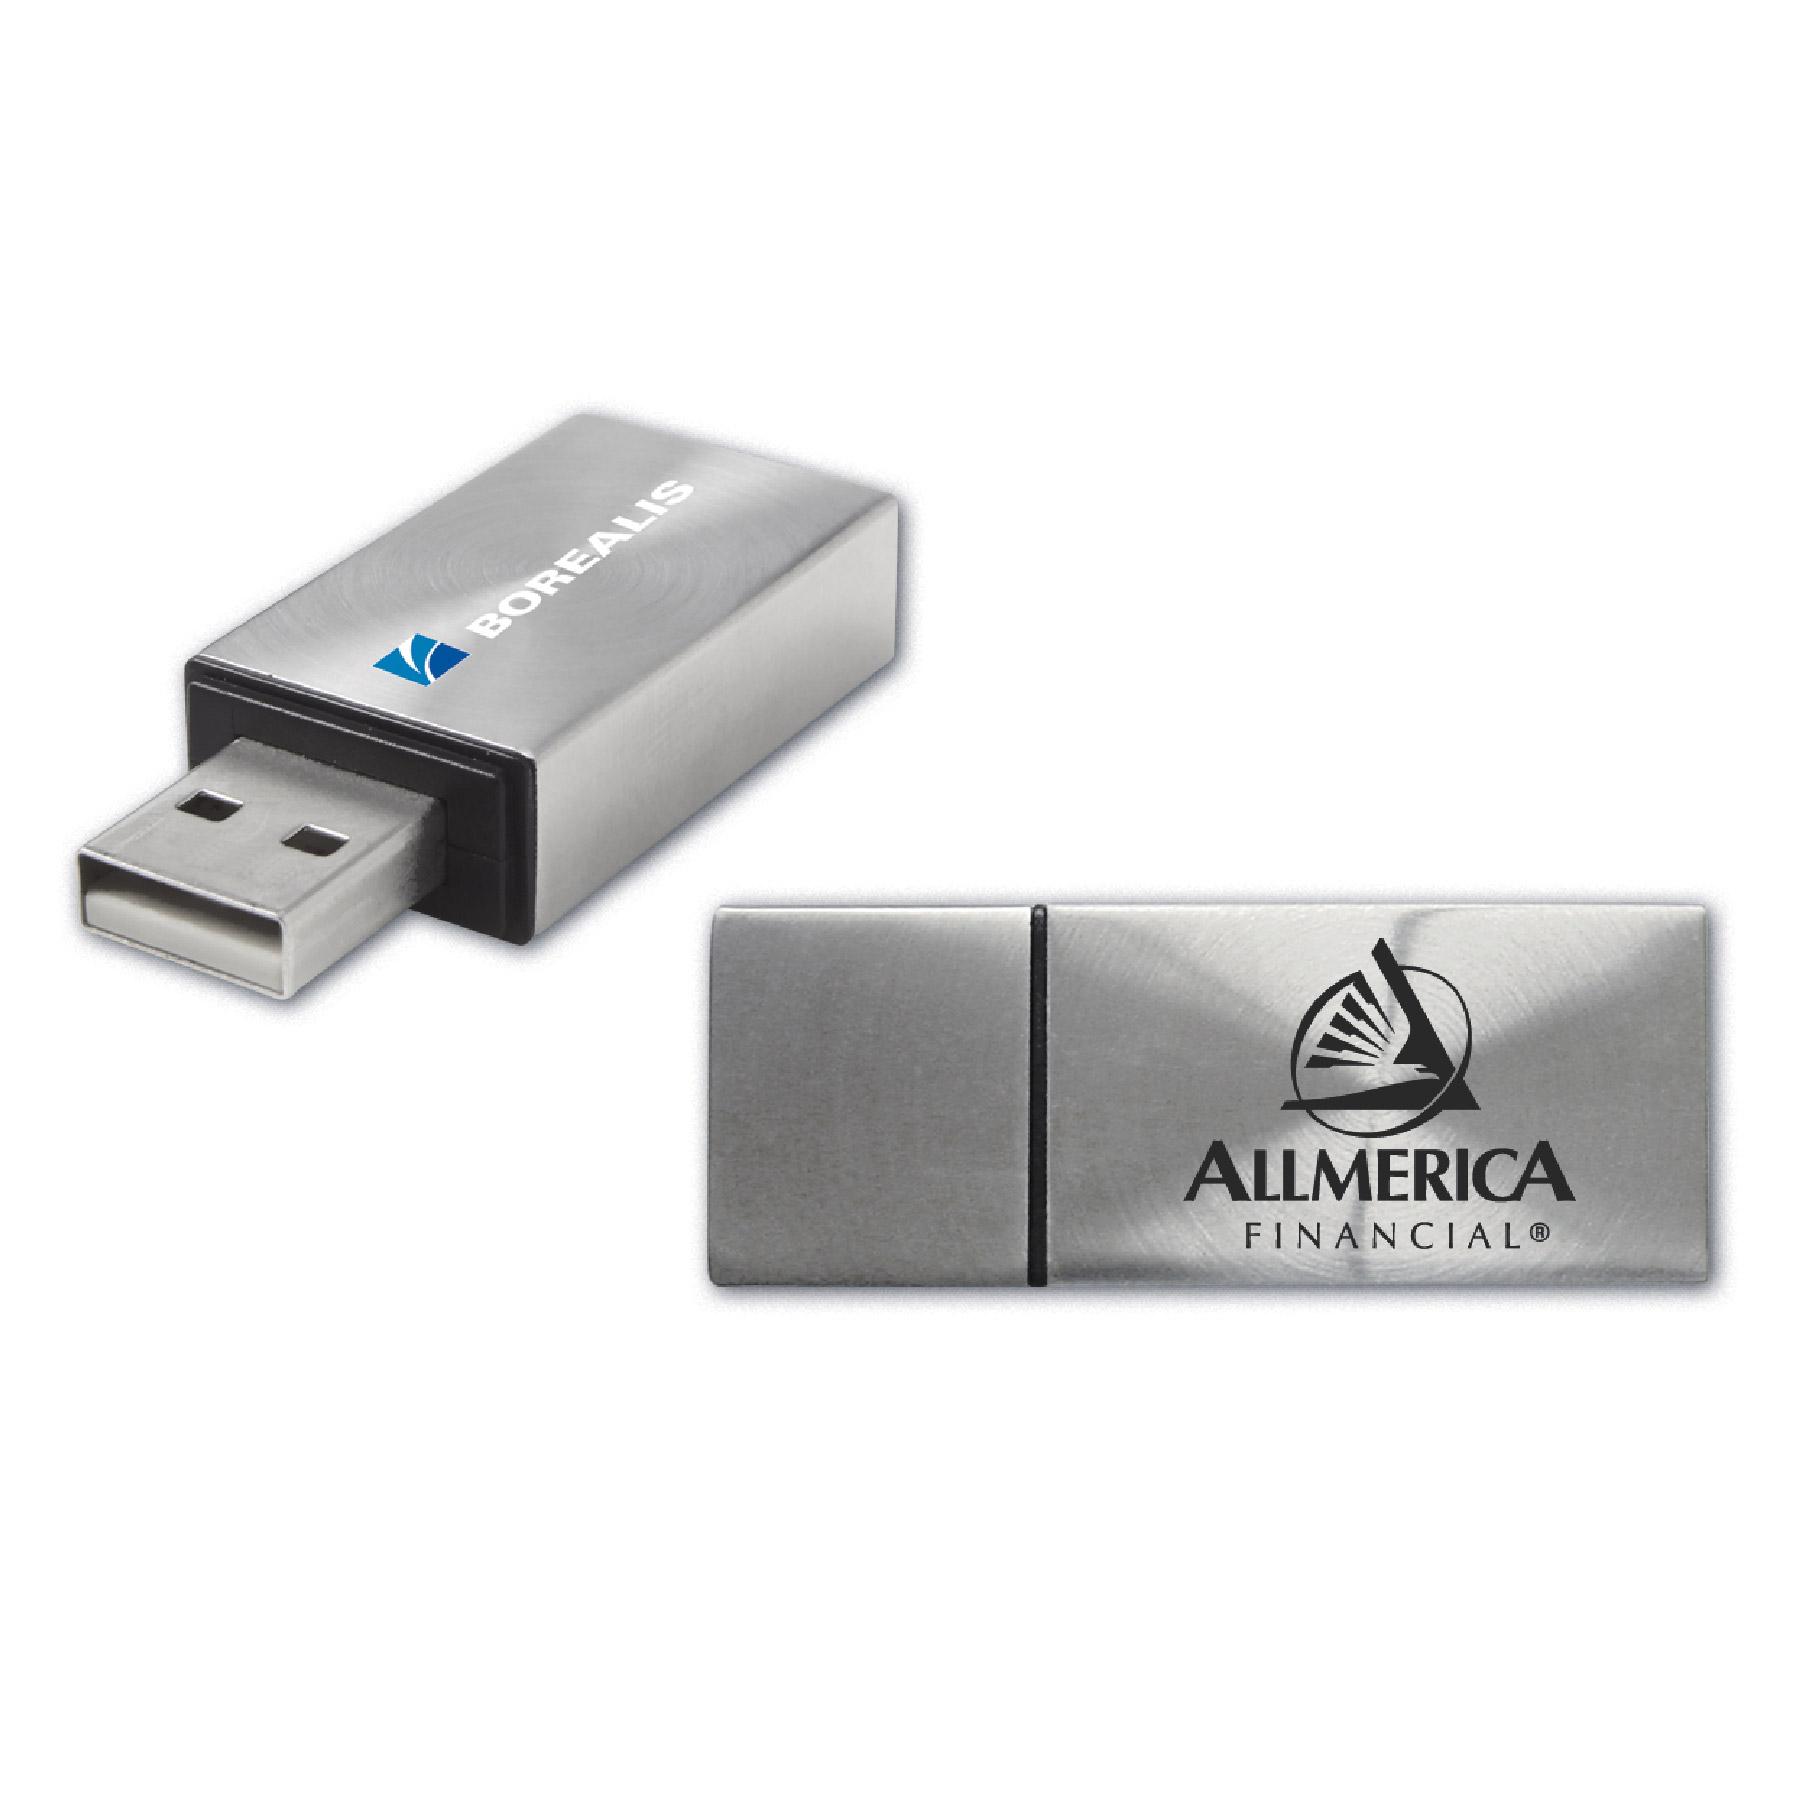 KJAIO-USBRM-2GB